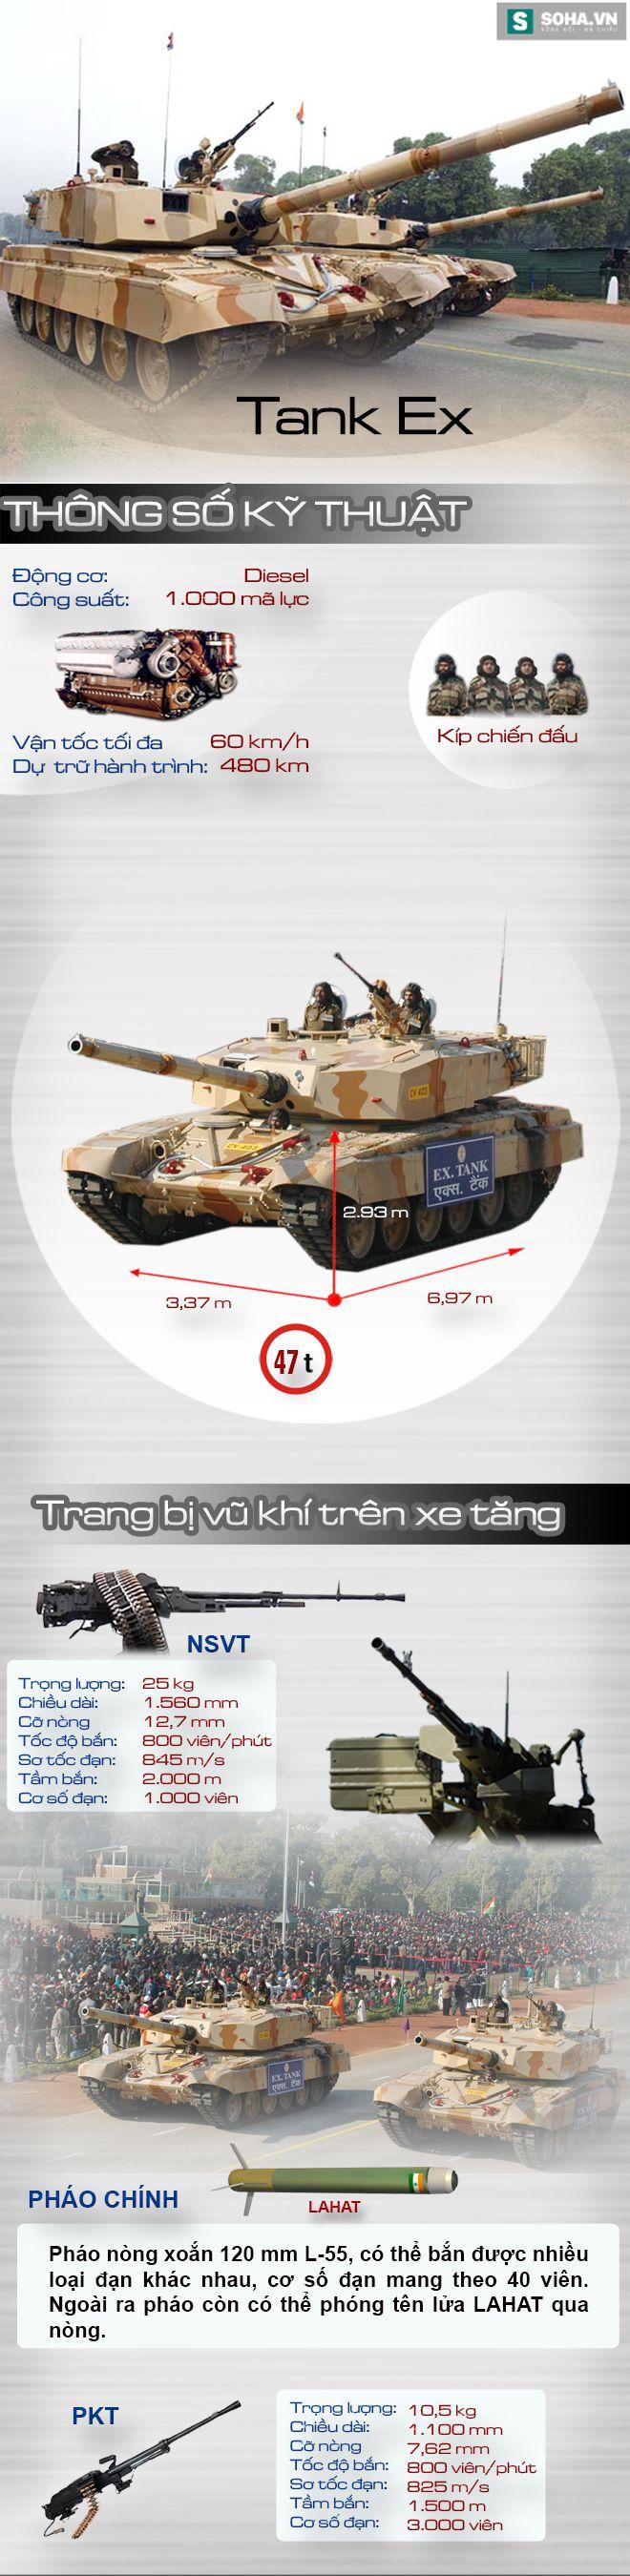 Thân T-72 nhưng lại gắn tháp pháo Arjun, đây là loại xe tăng nào của Ấn Độ? - Ảnh 1.